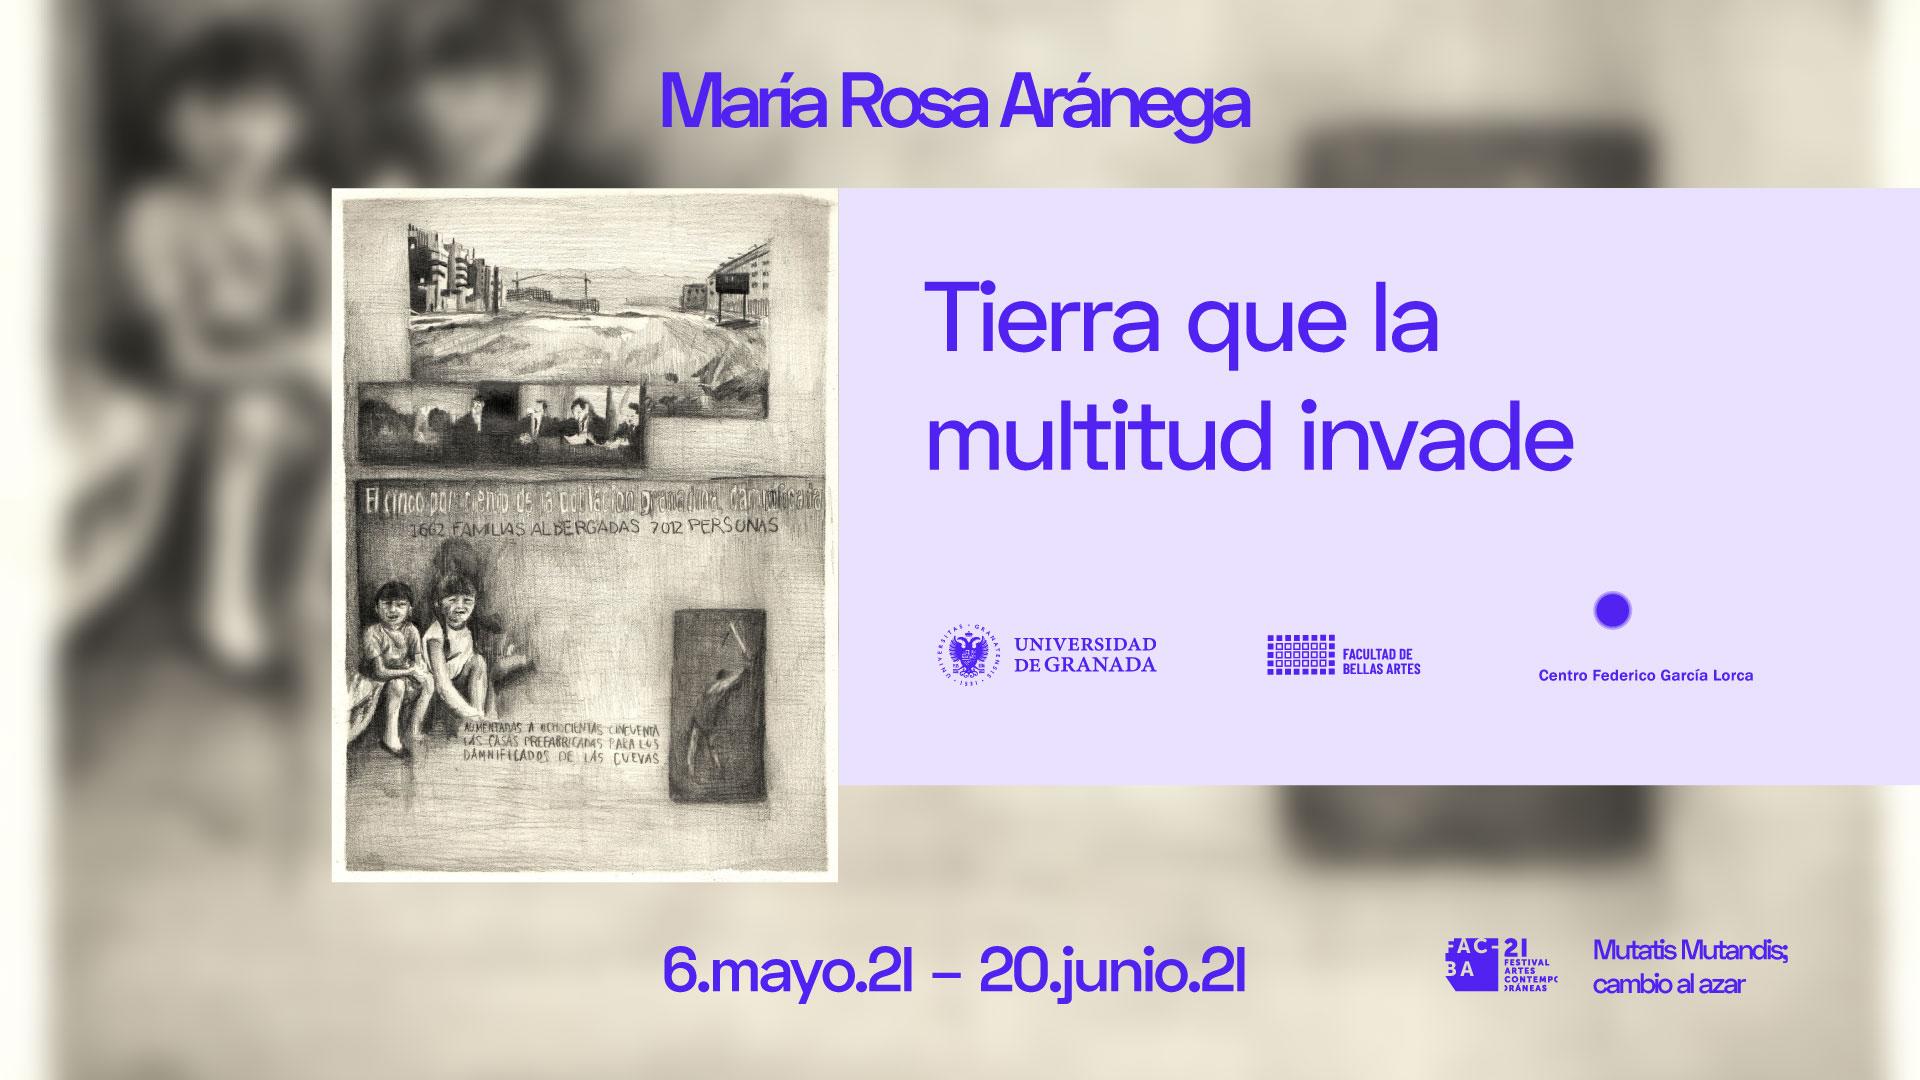 La memoria de los barrios de Granada durante el desarrollo de la ciudad el siglo pasado se expone en el Centro Federico García Lorca de la mano de FACBA y de María Rosa Aránega